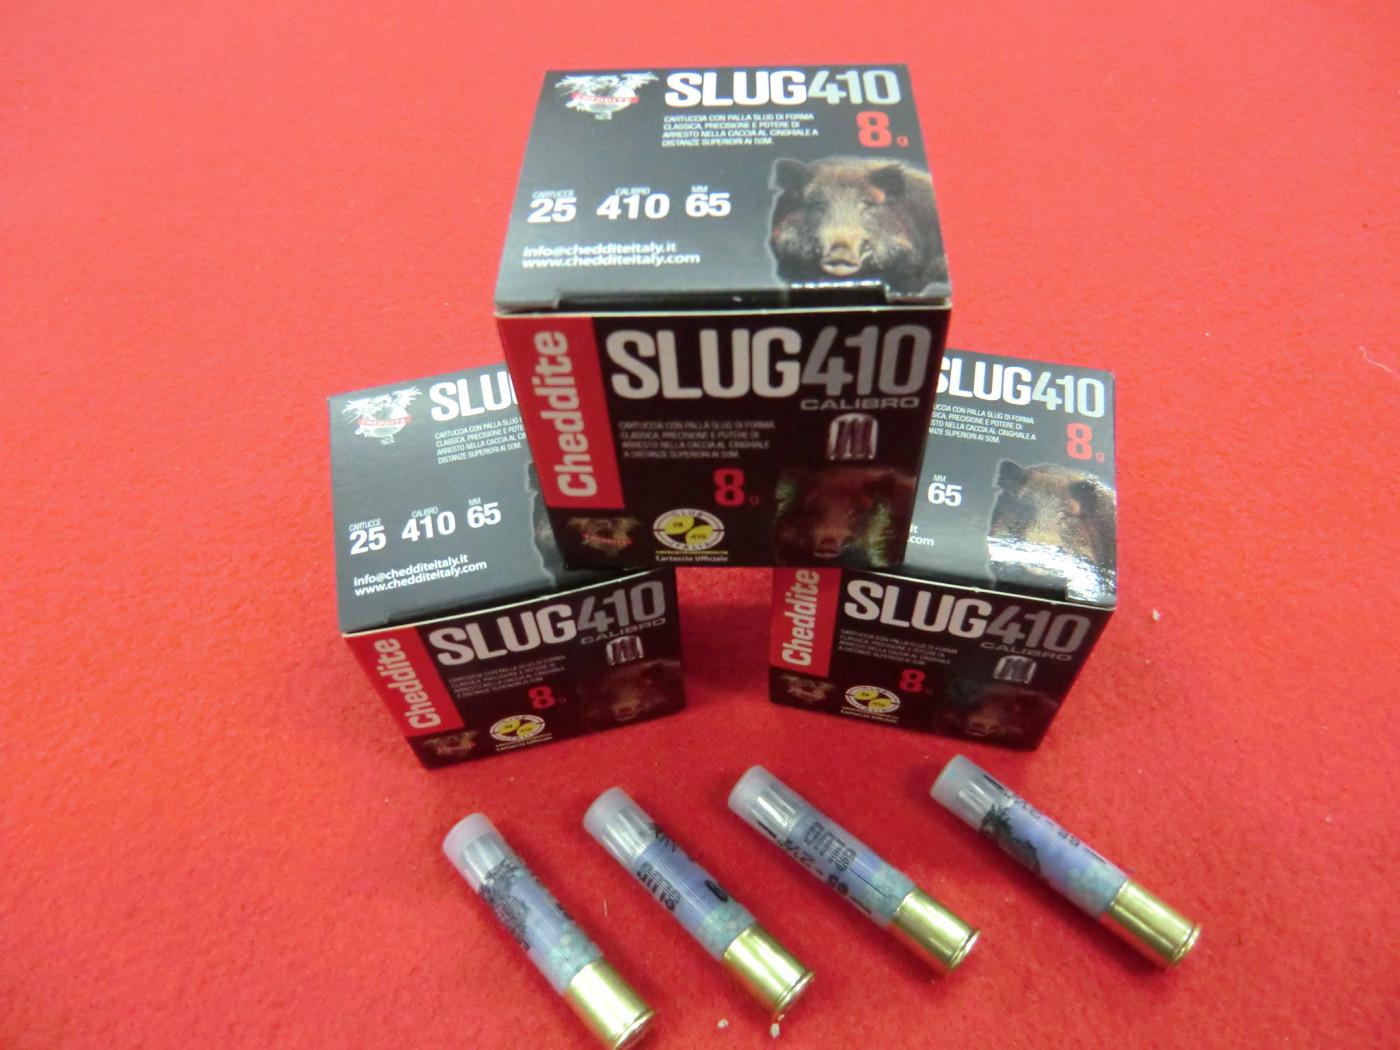 Cartucce CHEDDITE Slug calibro 410